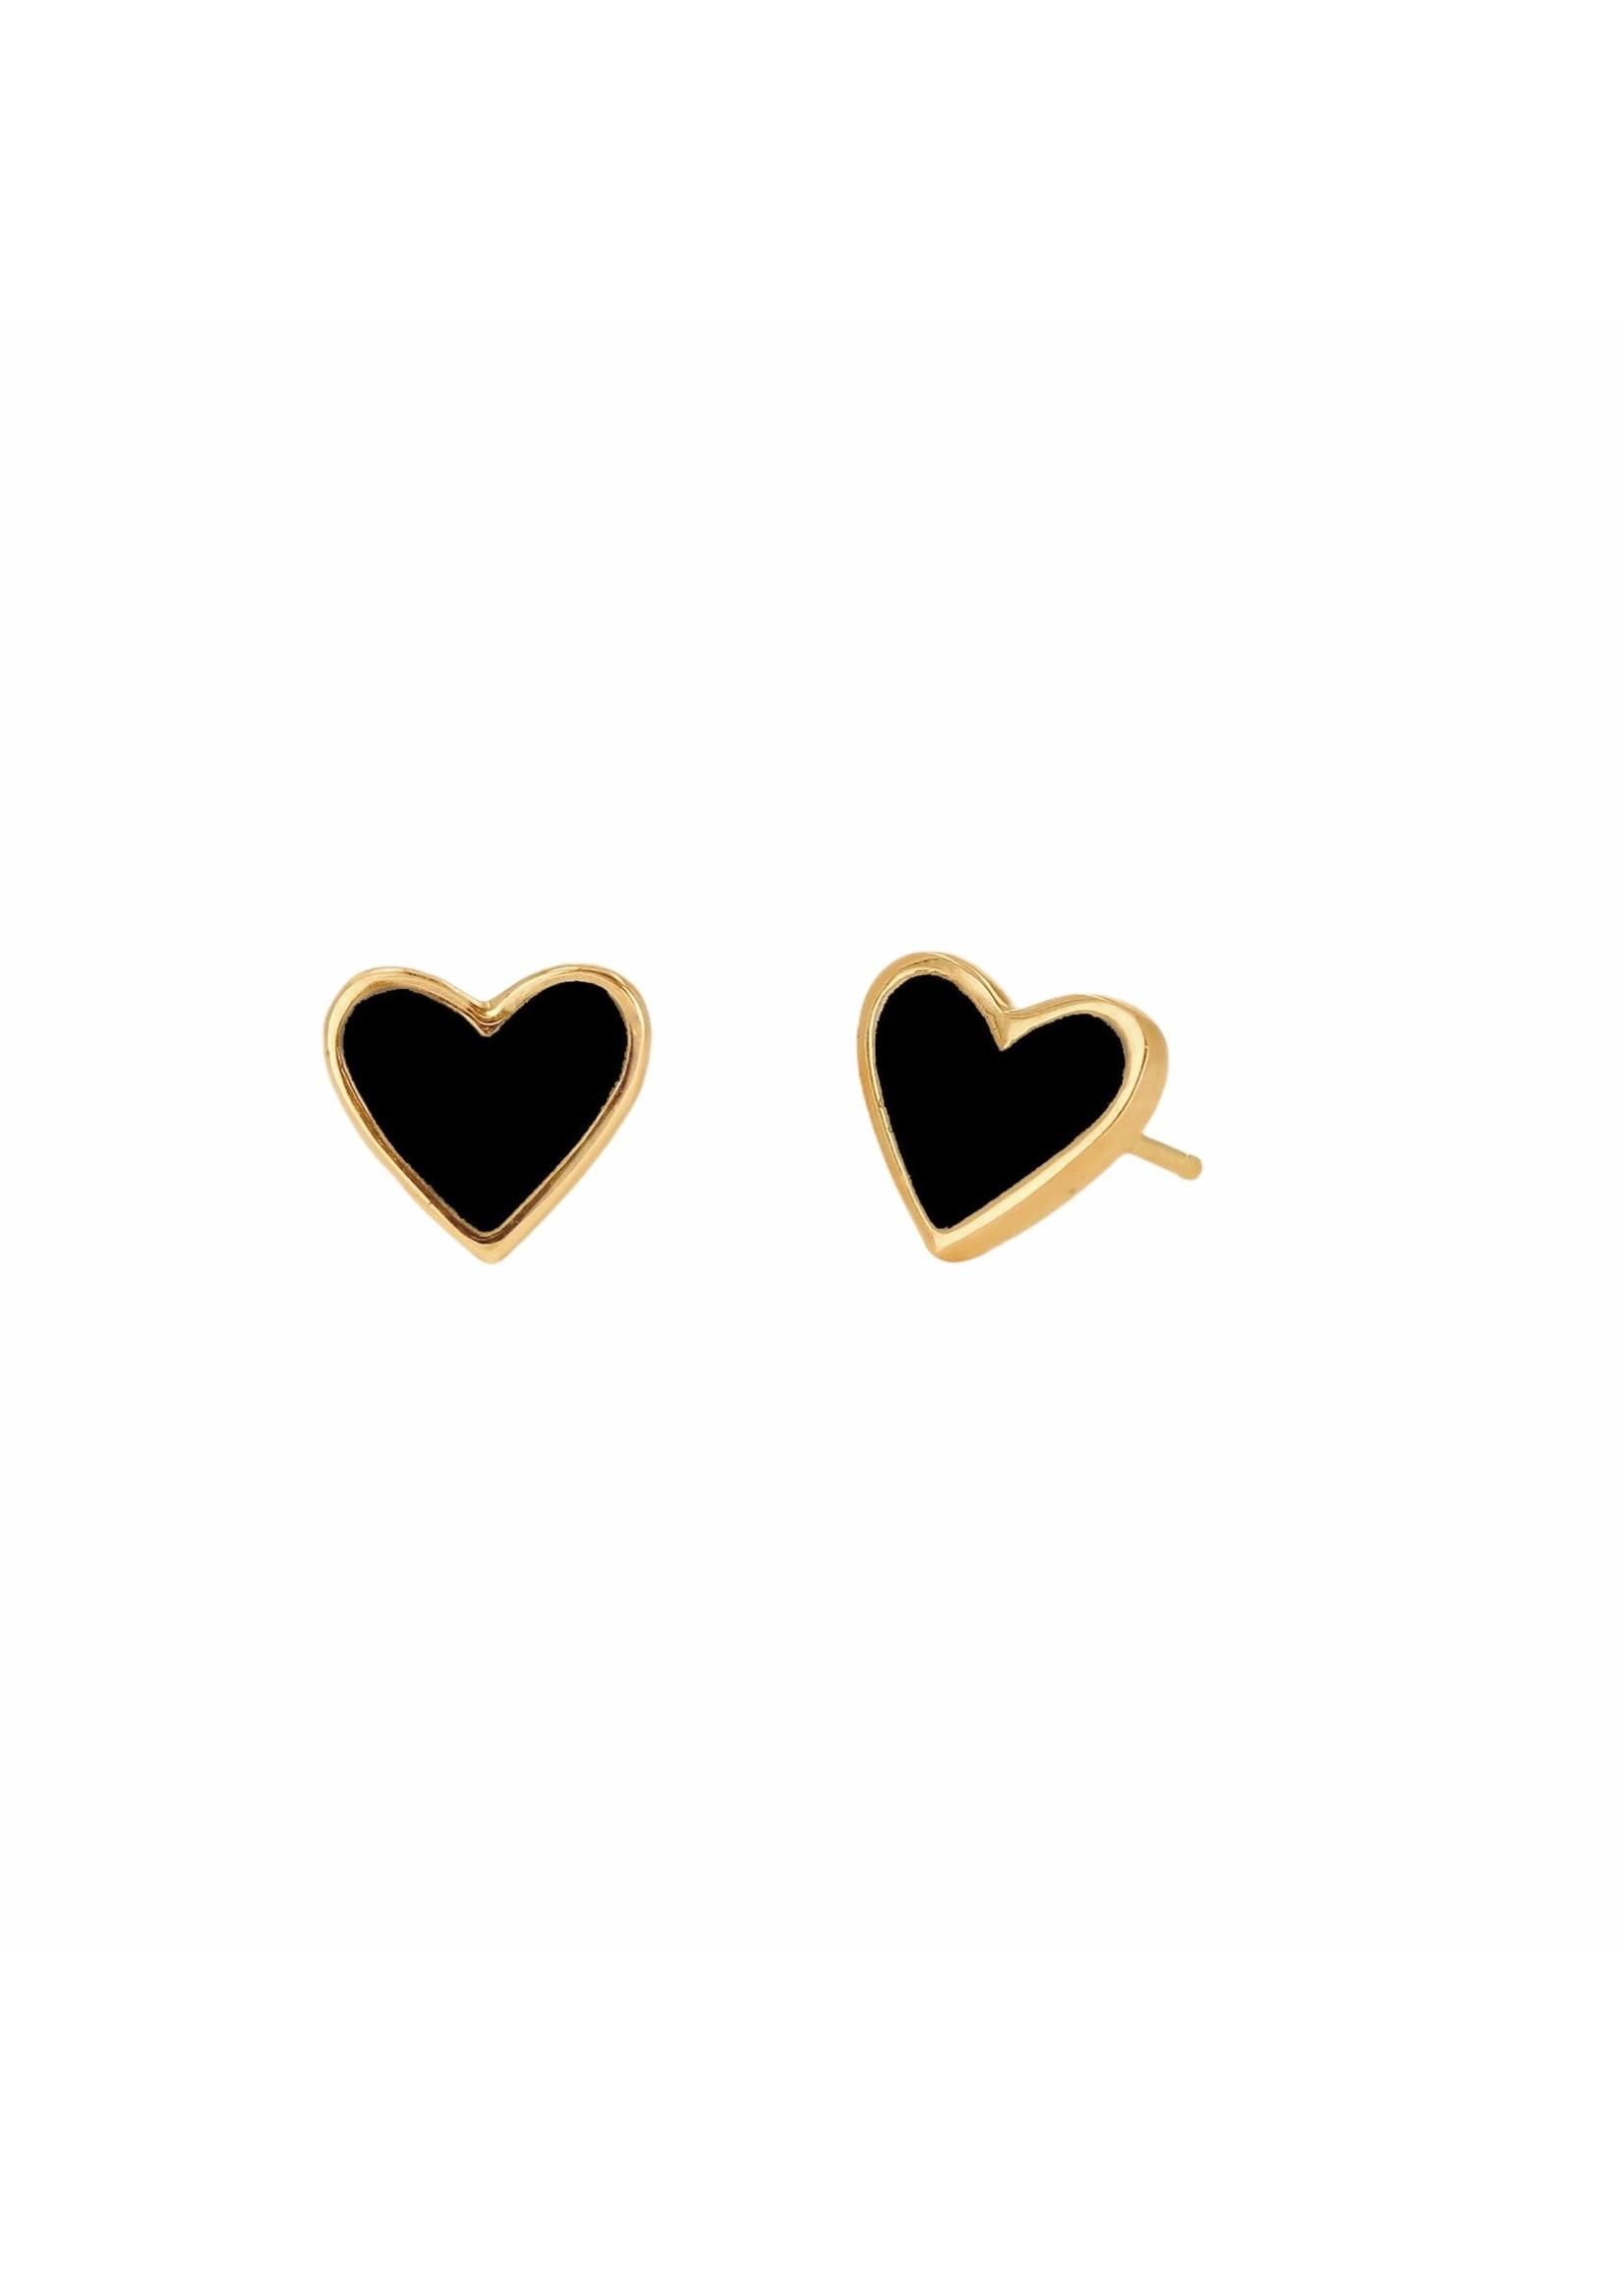 Rachel Reid Mini Black Heart Stud Earrings